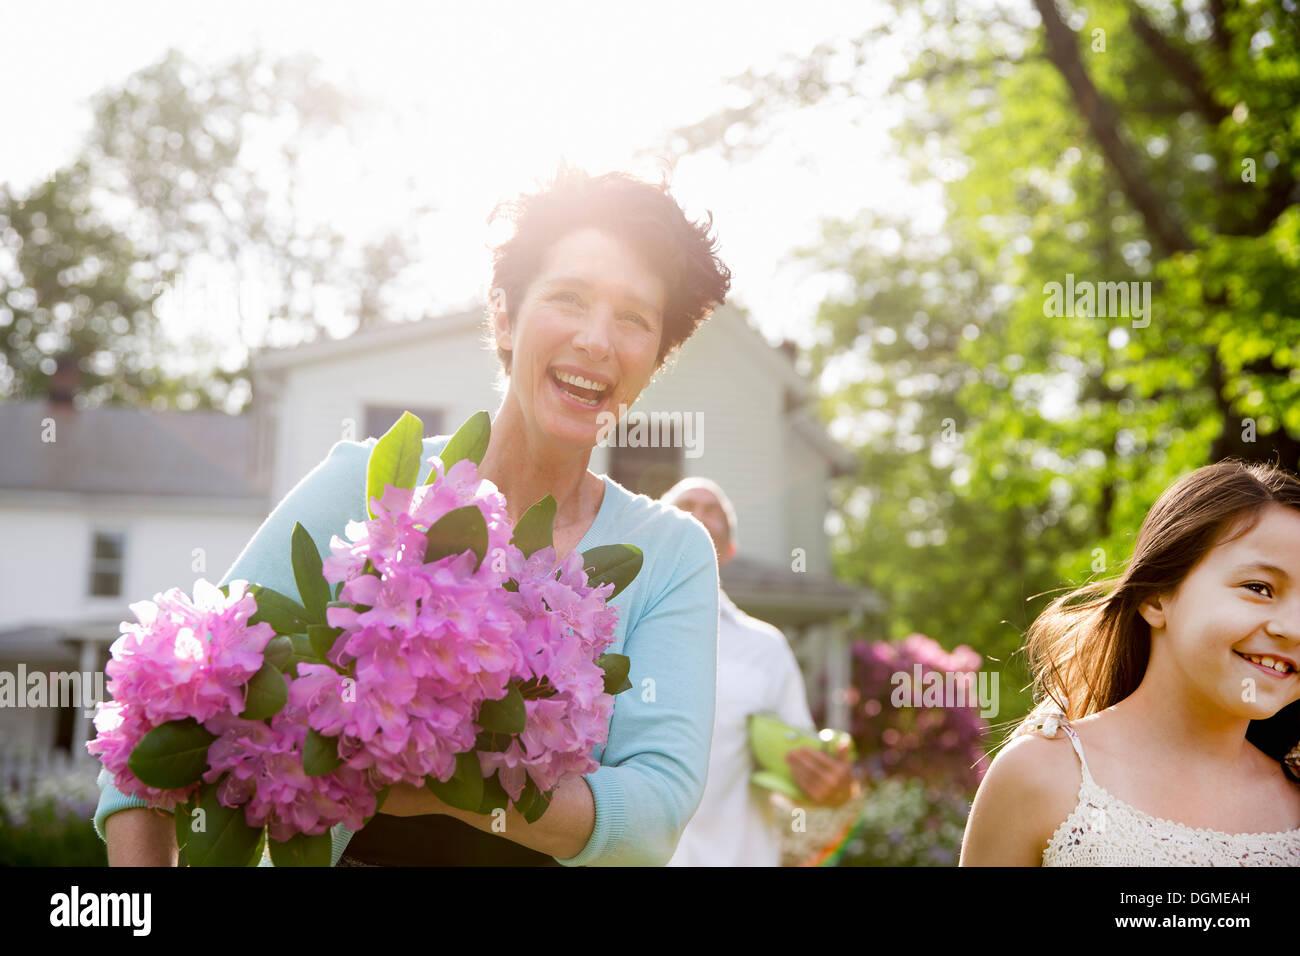 Festa di famiglia. Una donna che porta un grande mazzo di fiori di rododendro, sorridente largamente. Immagini Stock